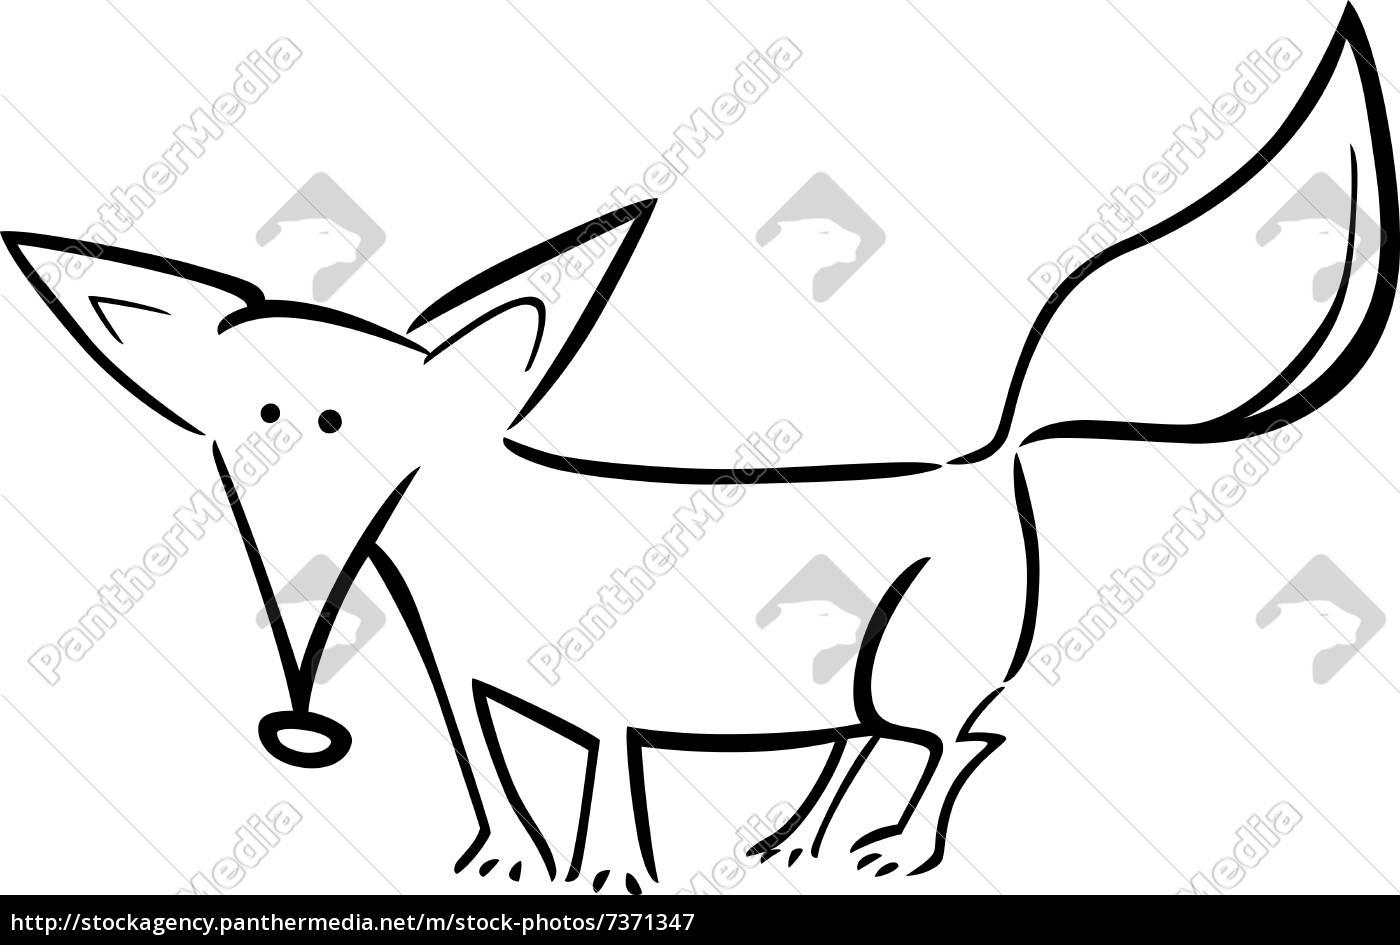 Royalty Free Imágen 7371347 Ilustración De Dibujos Animados De Zorro Para Colorear